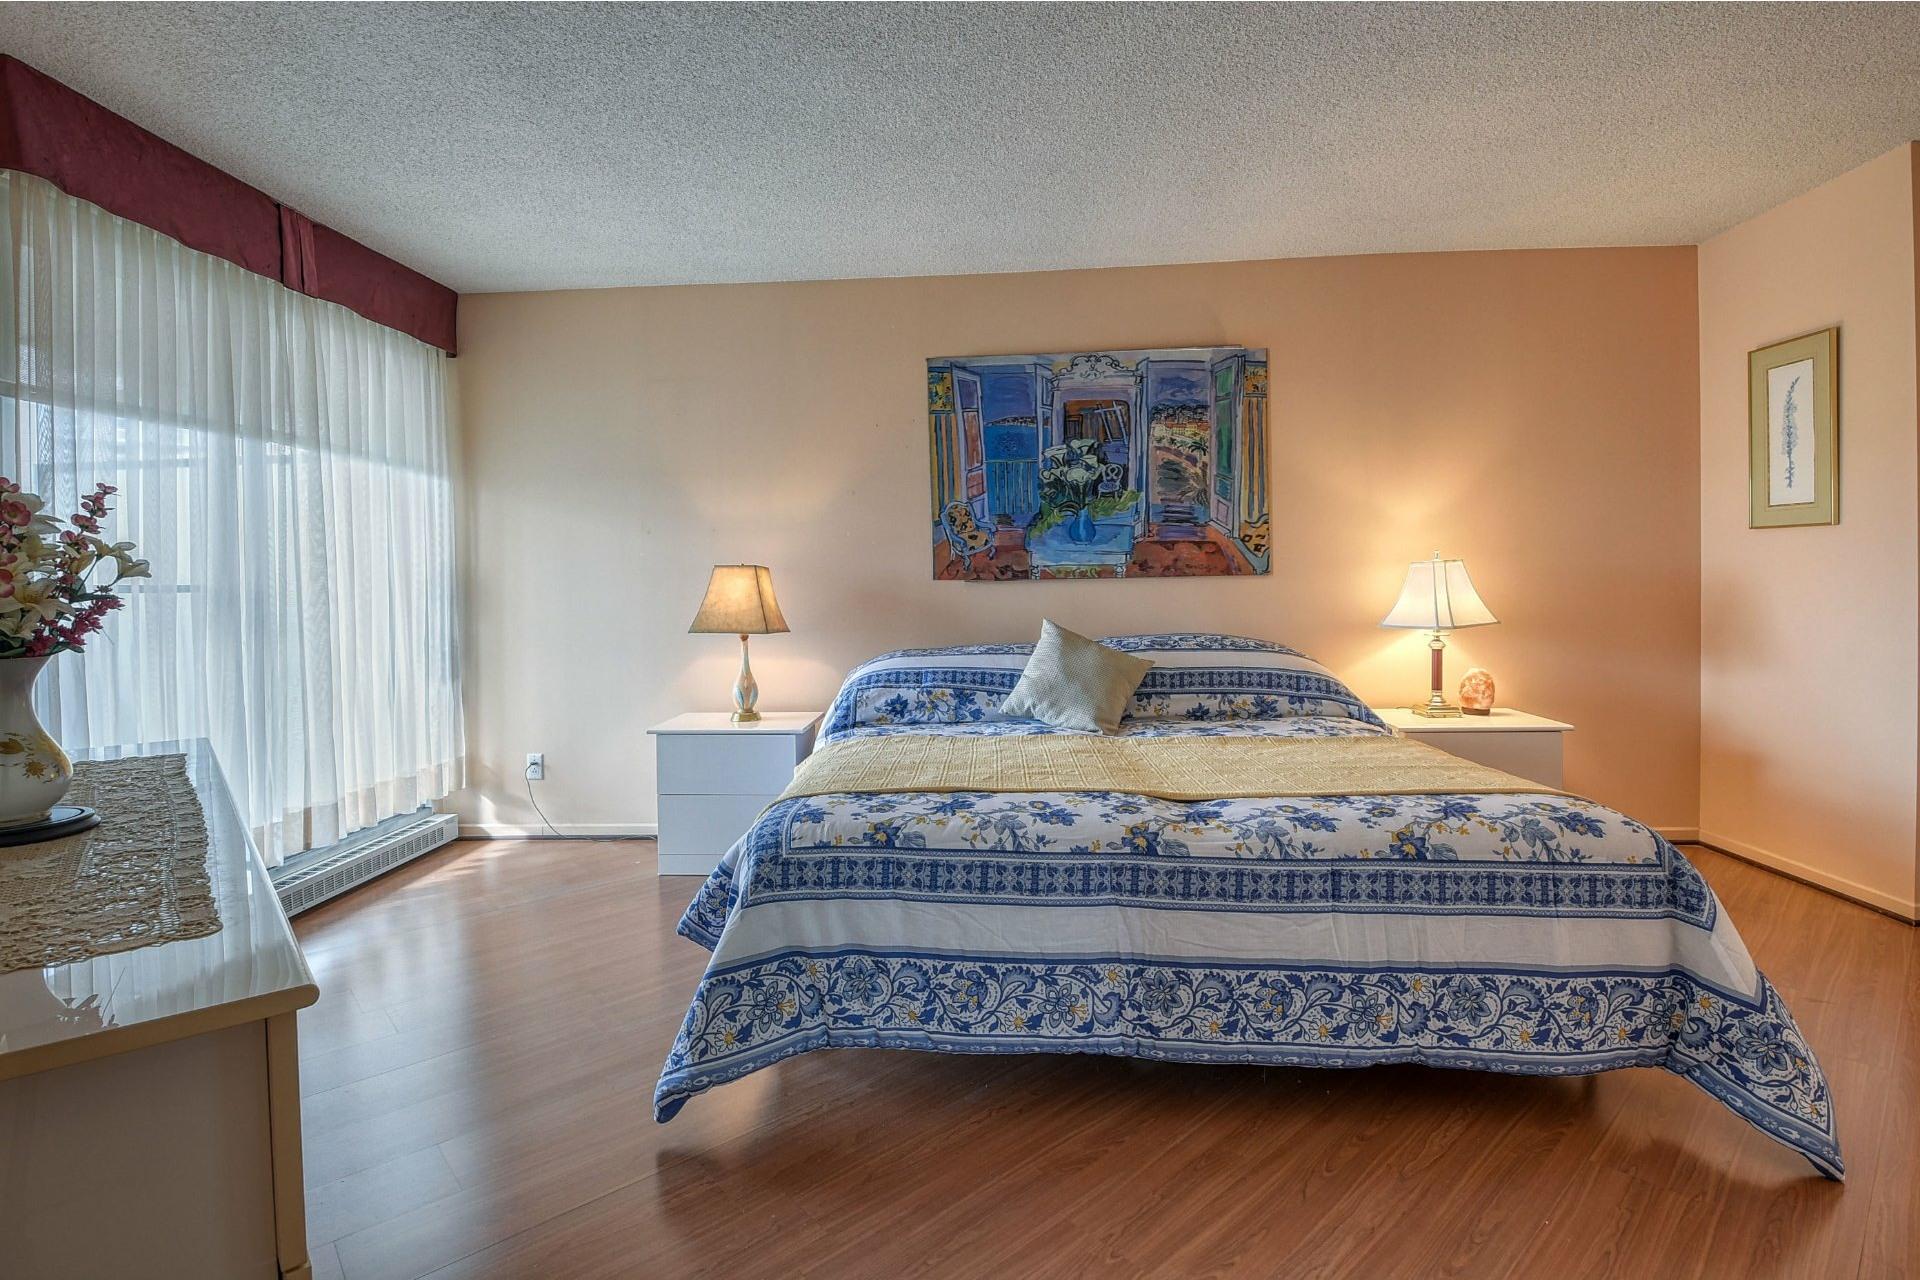 image 9 - Appartement À vendre Montréal-Nord Montréal  - 6 pièces